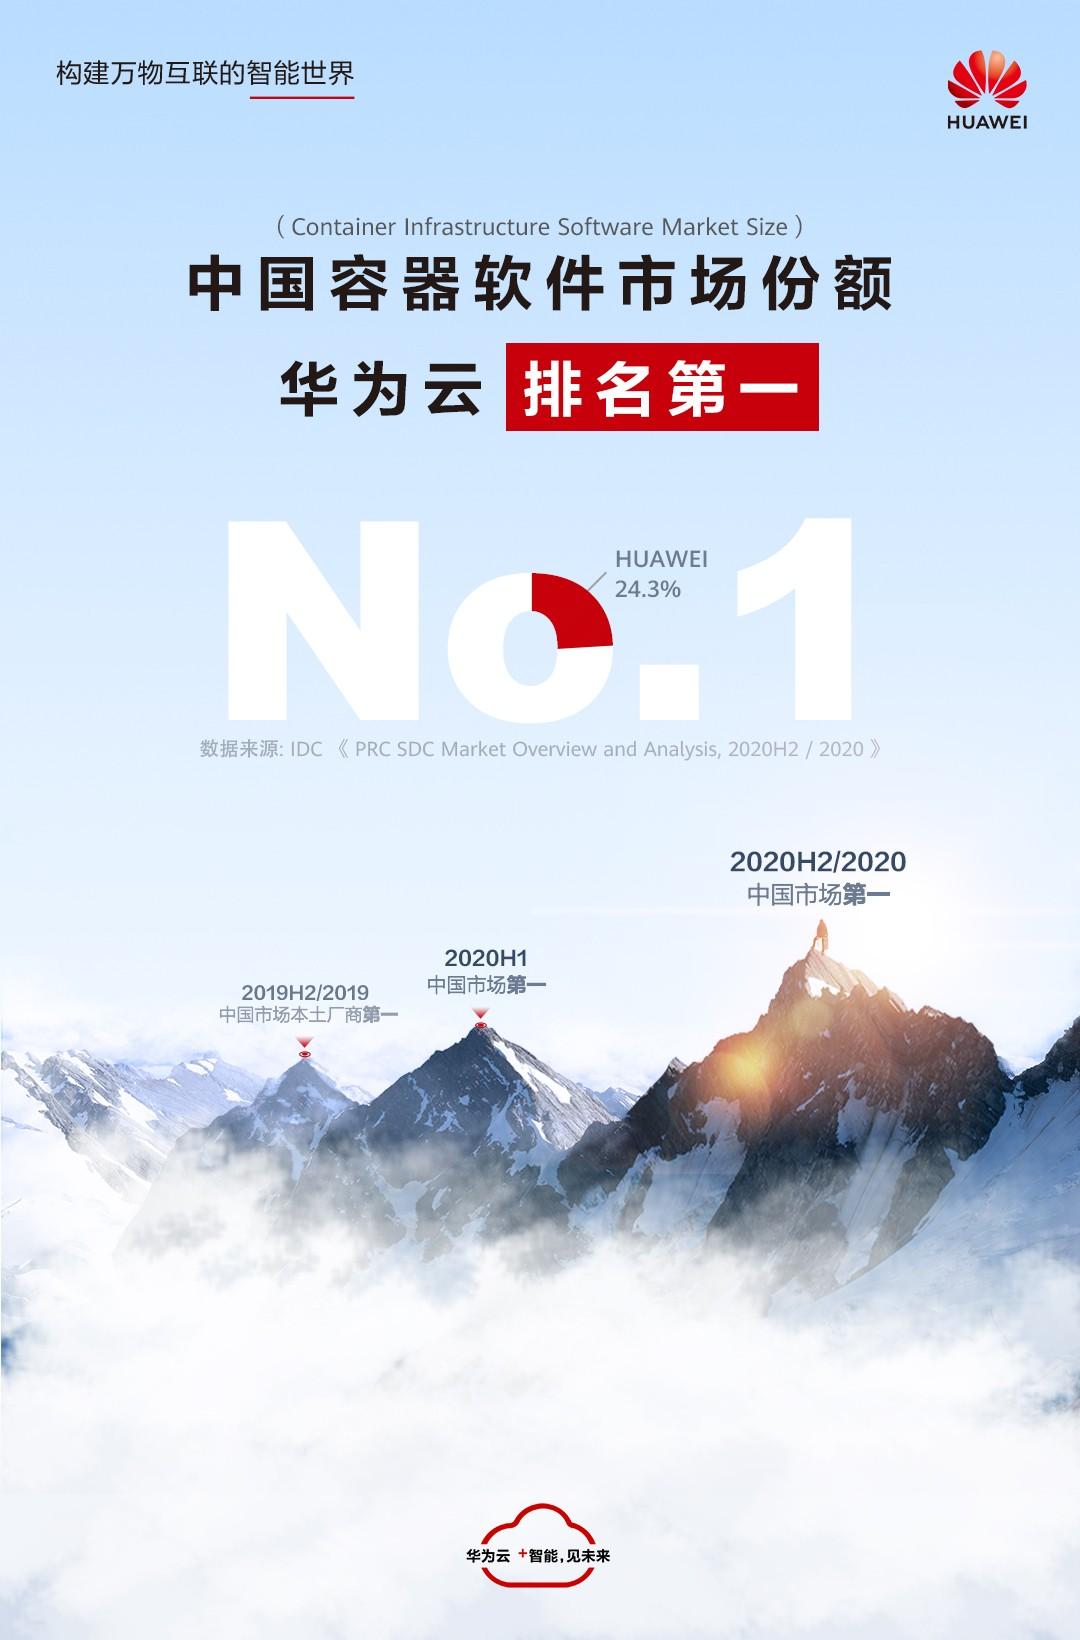 中国容器软件市场第一,华为云持续引领云原生产业